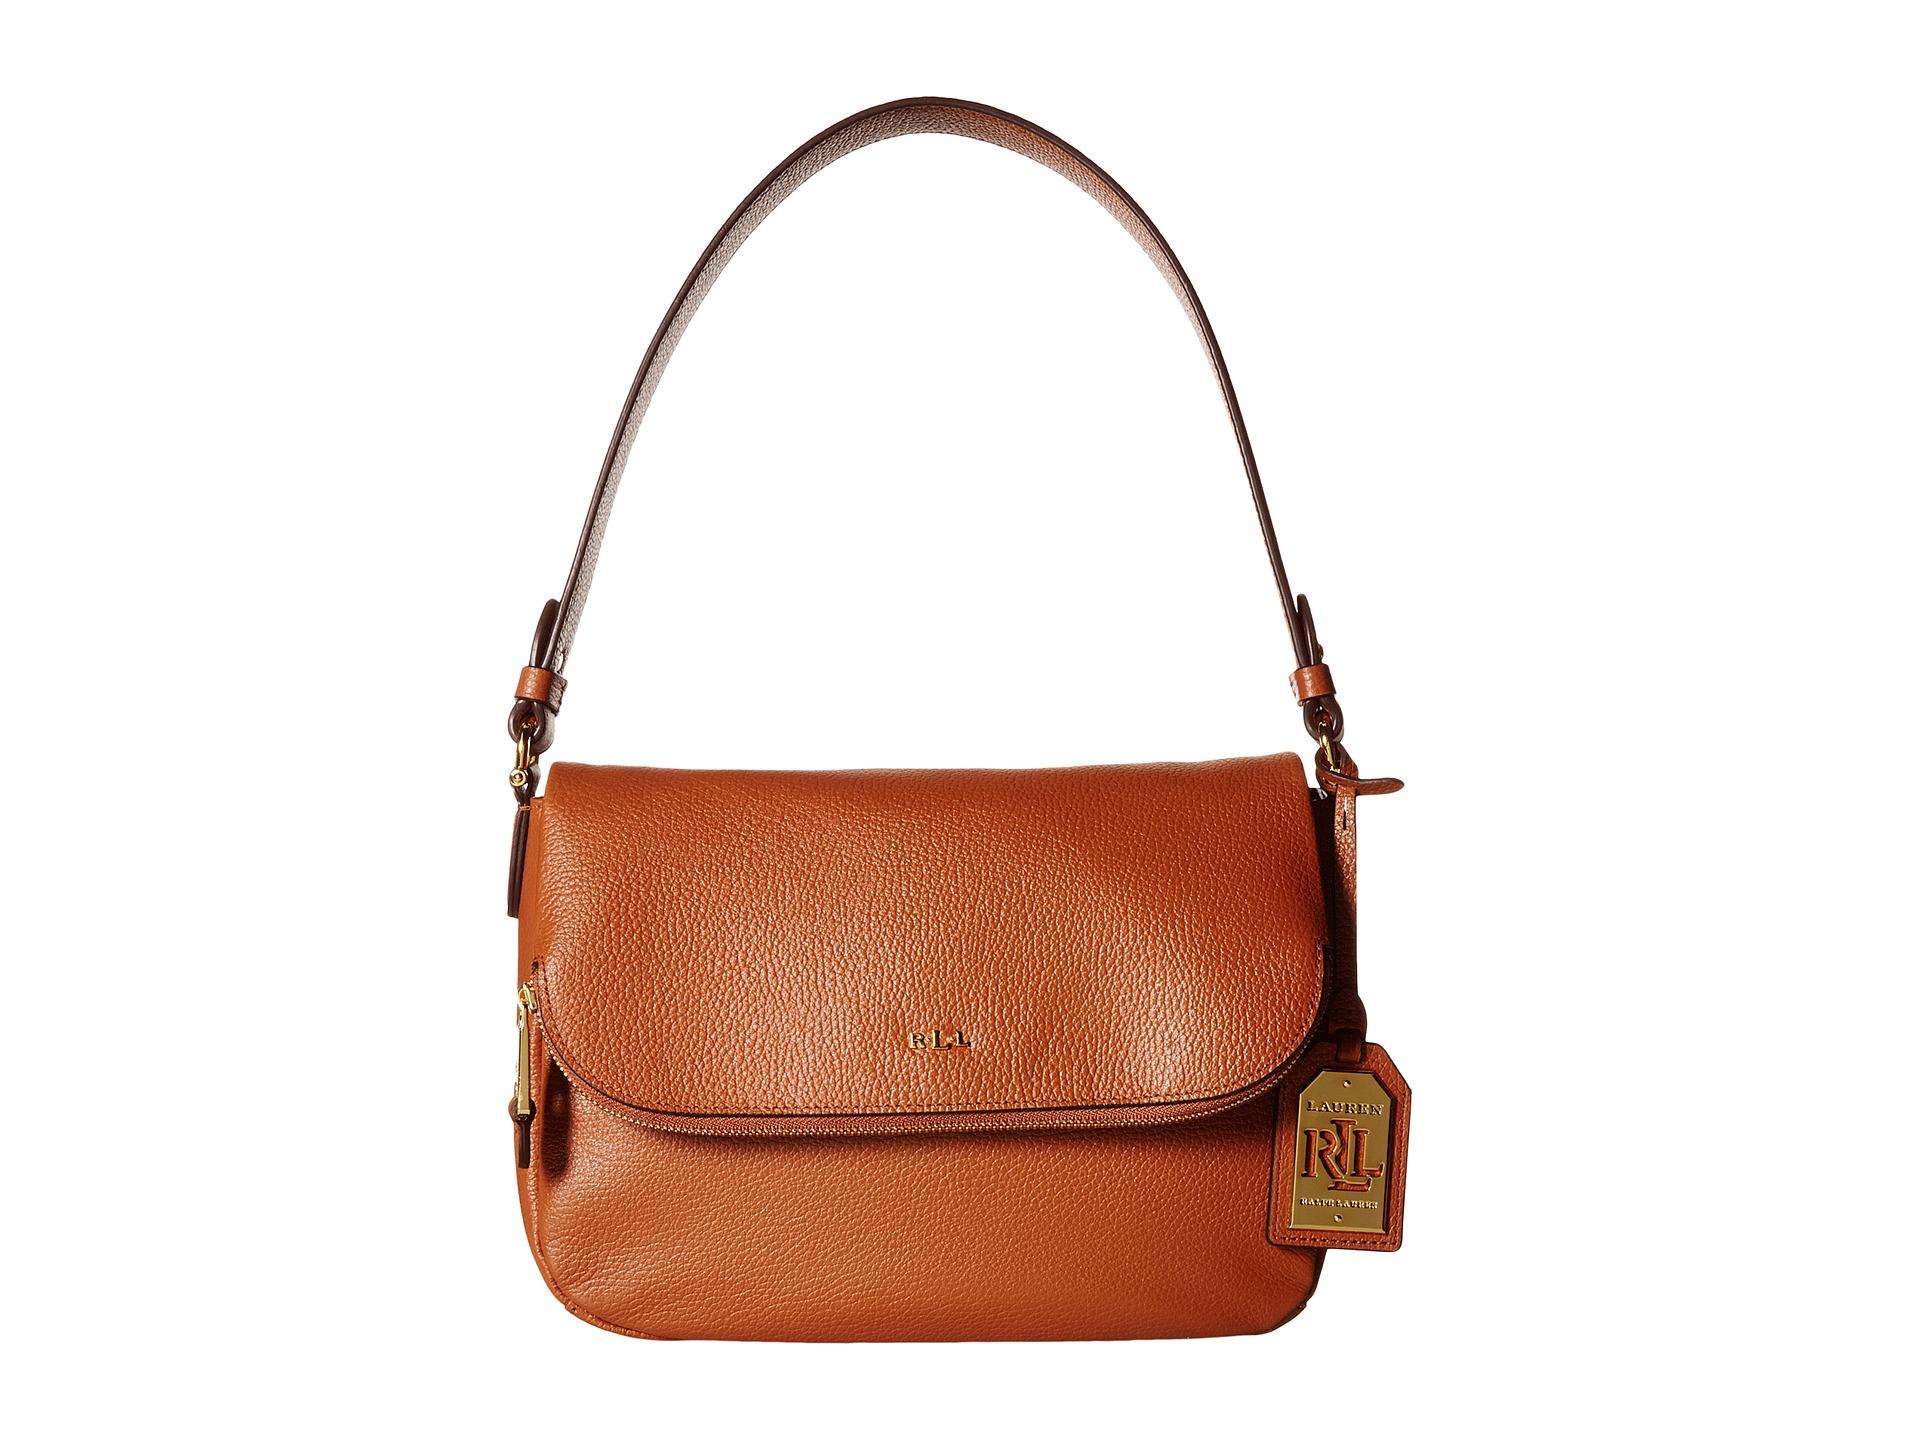 a64715bb0d51 Lyst - Lauren By Ralph Lauren Harrington Shoulder Bag in Brown